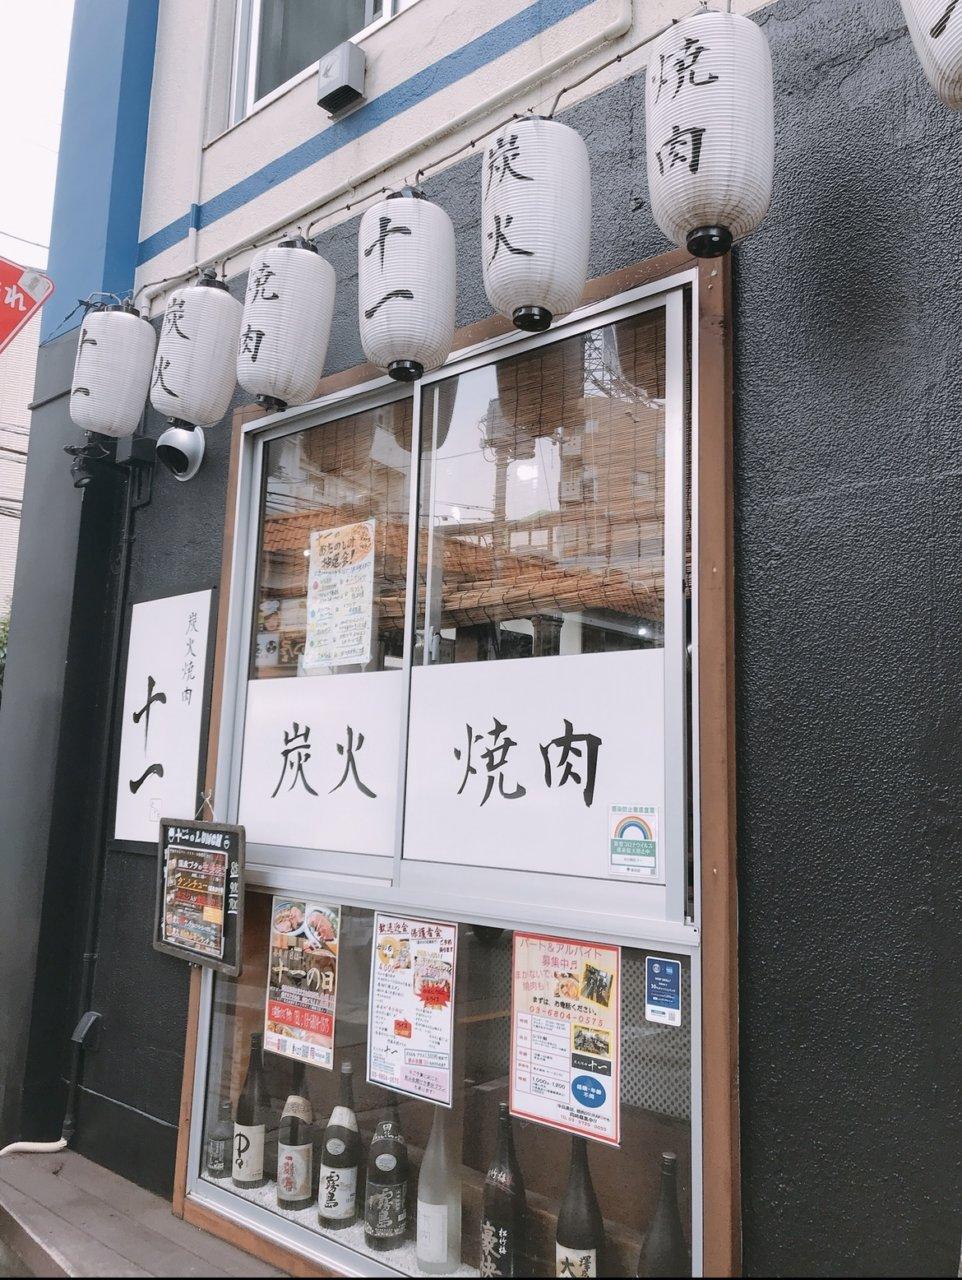 トレーナーおすすめ駒沢大学駅焼肉店『炭火焼肉十一』(ダイエット専門駒沢大学パーソナル ジム)の画像